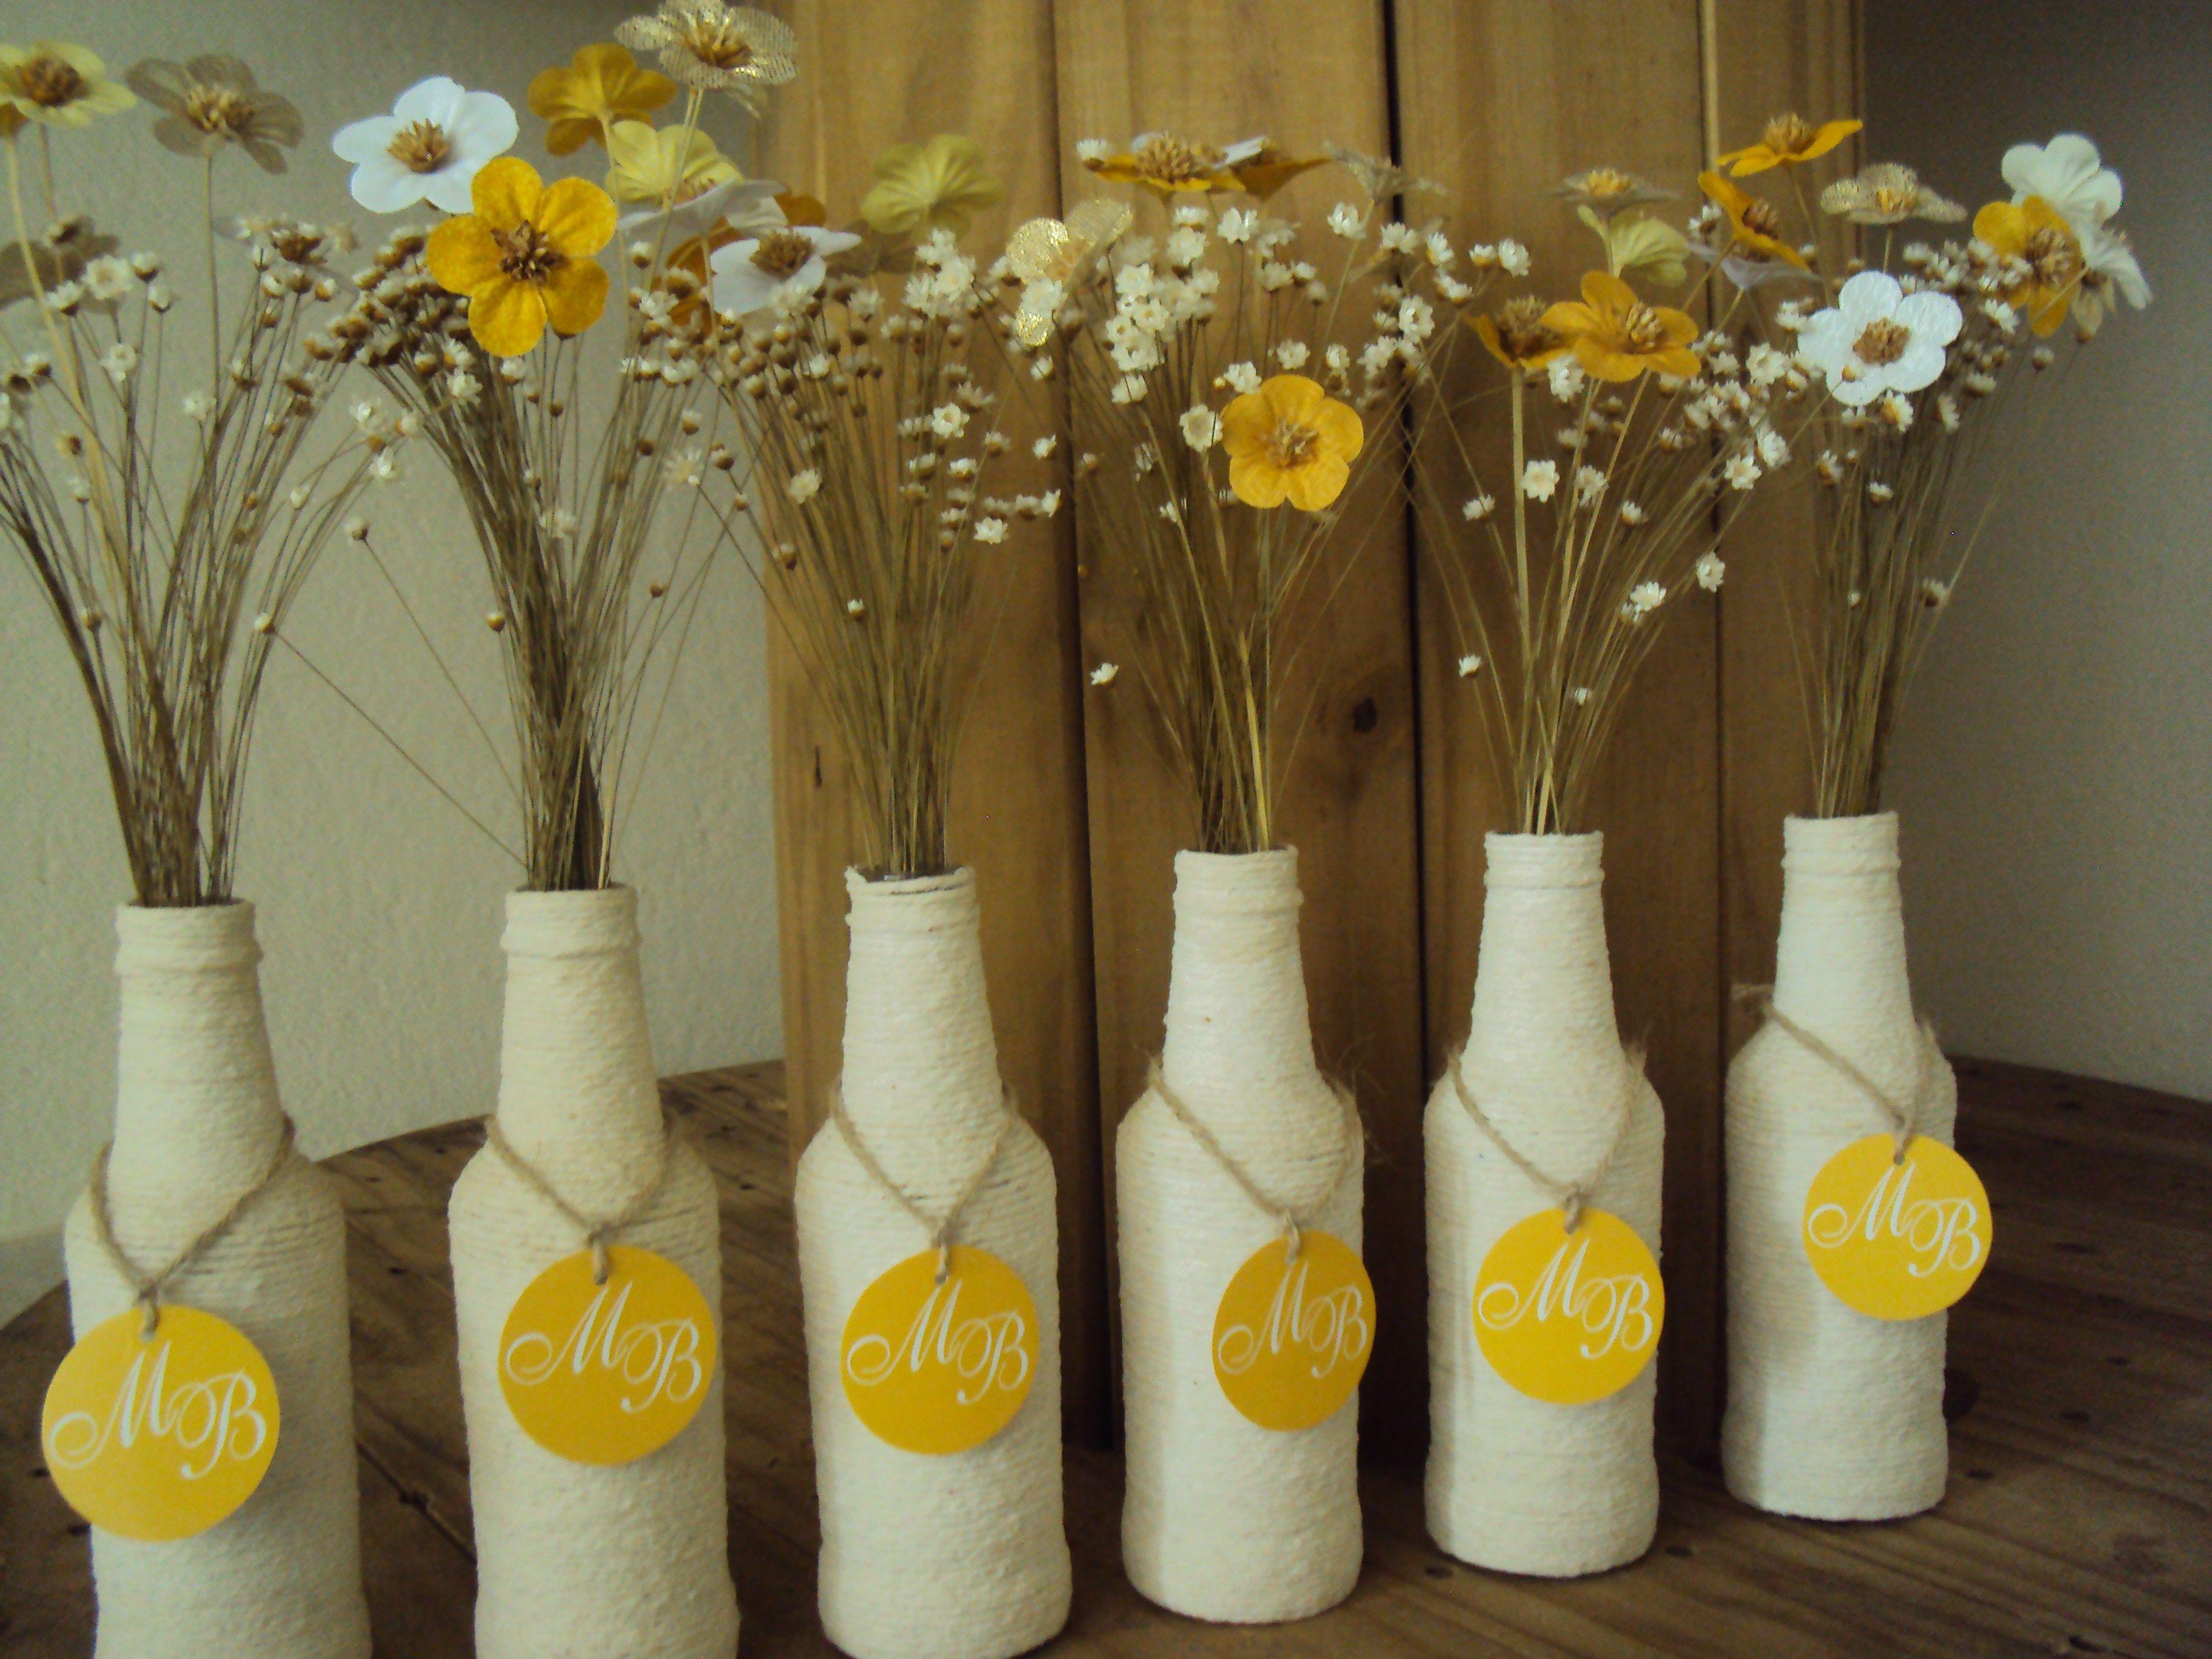 Famosos Resultado de imagem para decoração com garrafas | Lọ | Pinterest  EG58